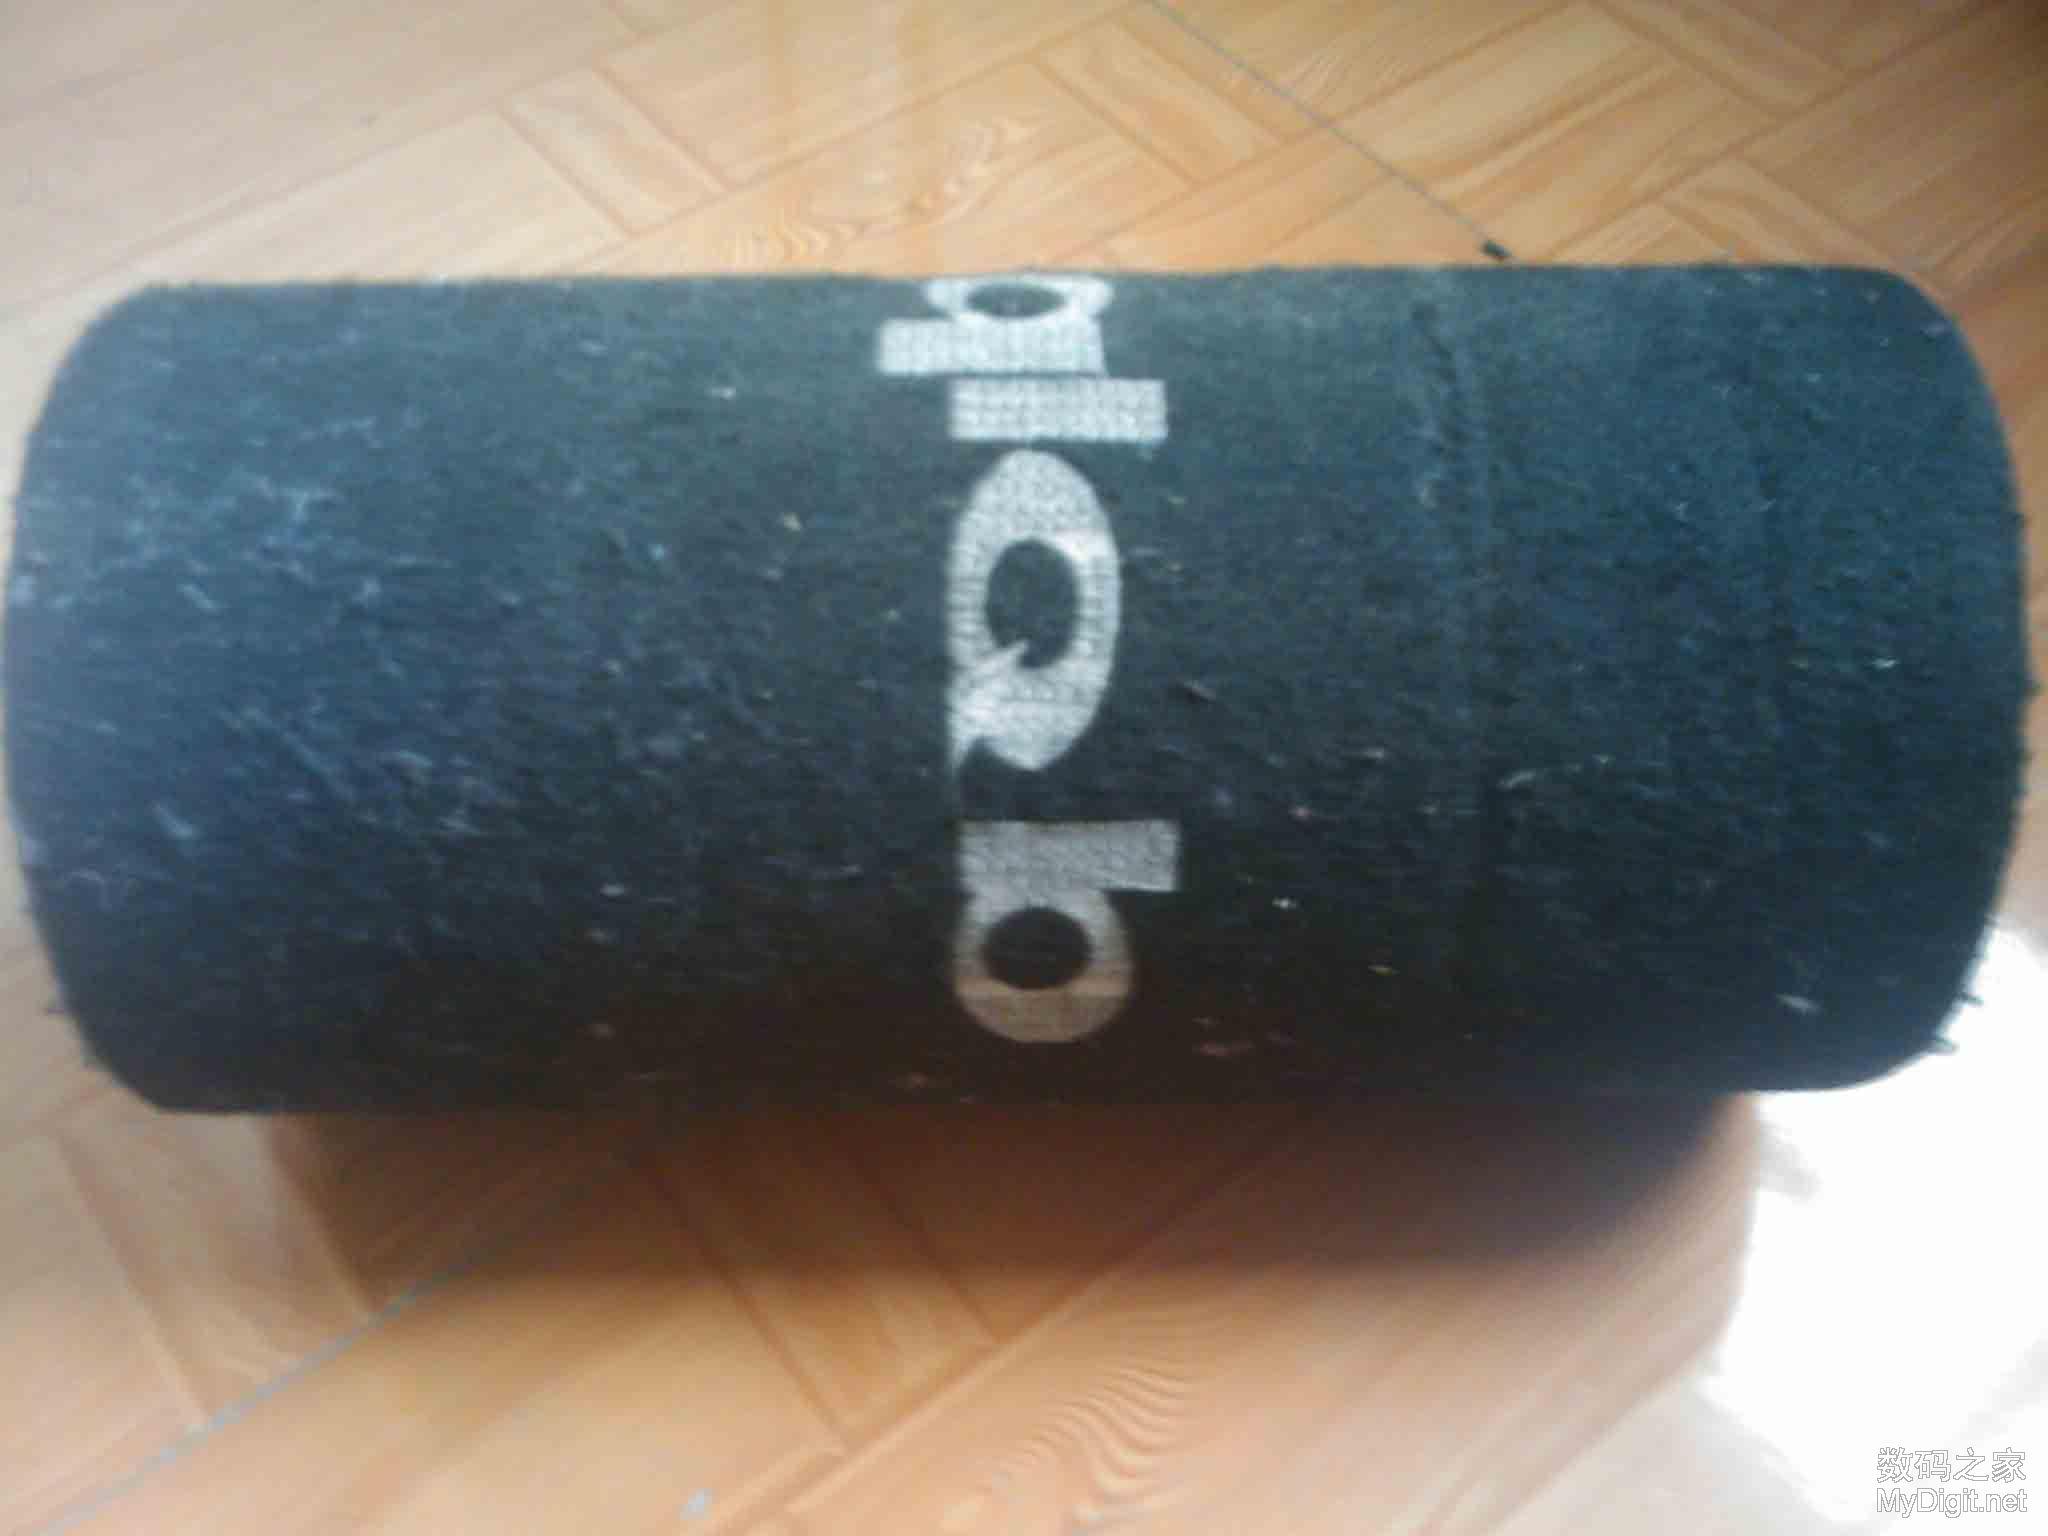 车载低音炮接线图解 低音炮扩音版电路图解 车载有源低音高清图片